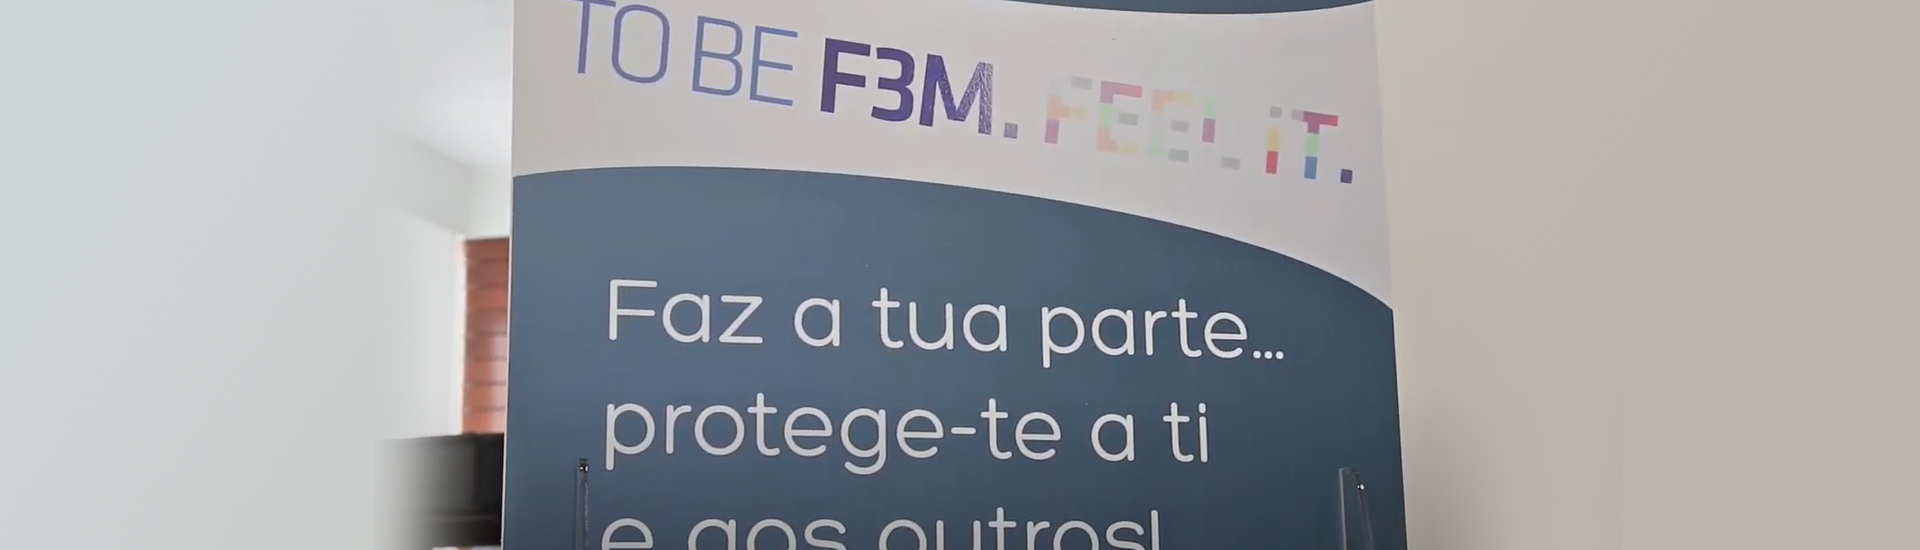 F3M implementa plano de contingência para reforçar proximidade e apoio a clientes